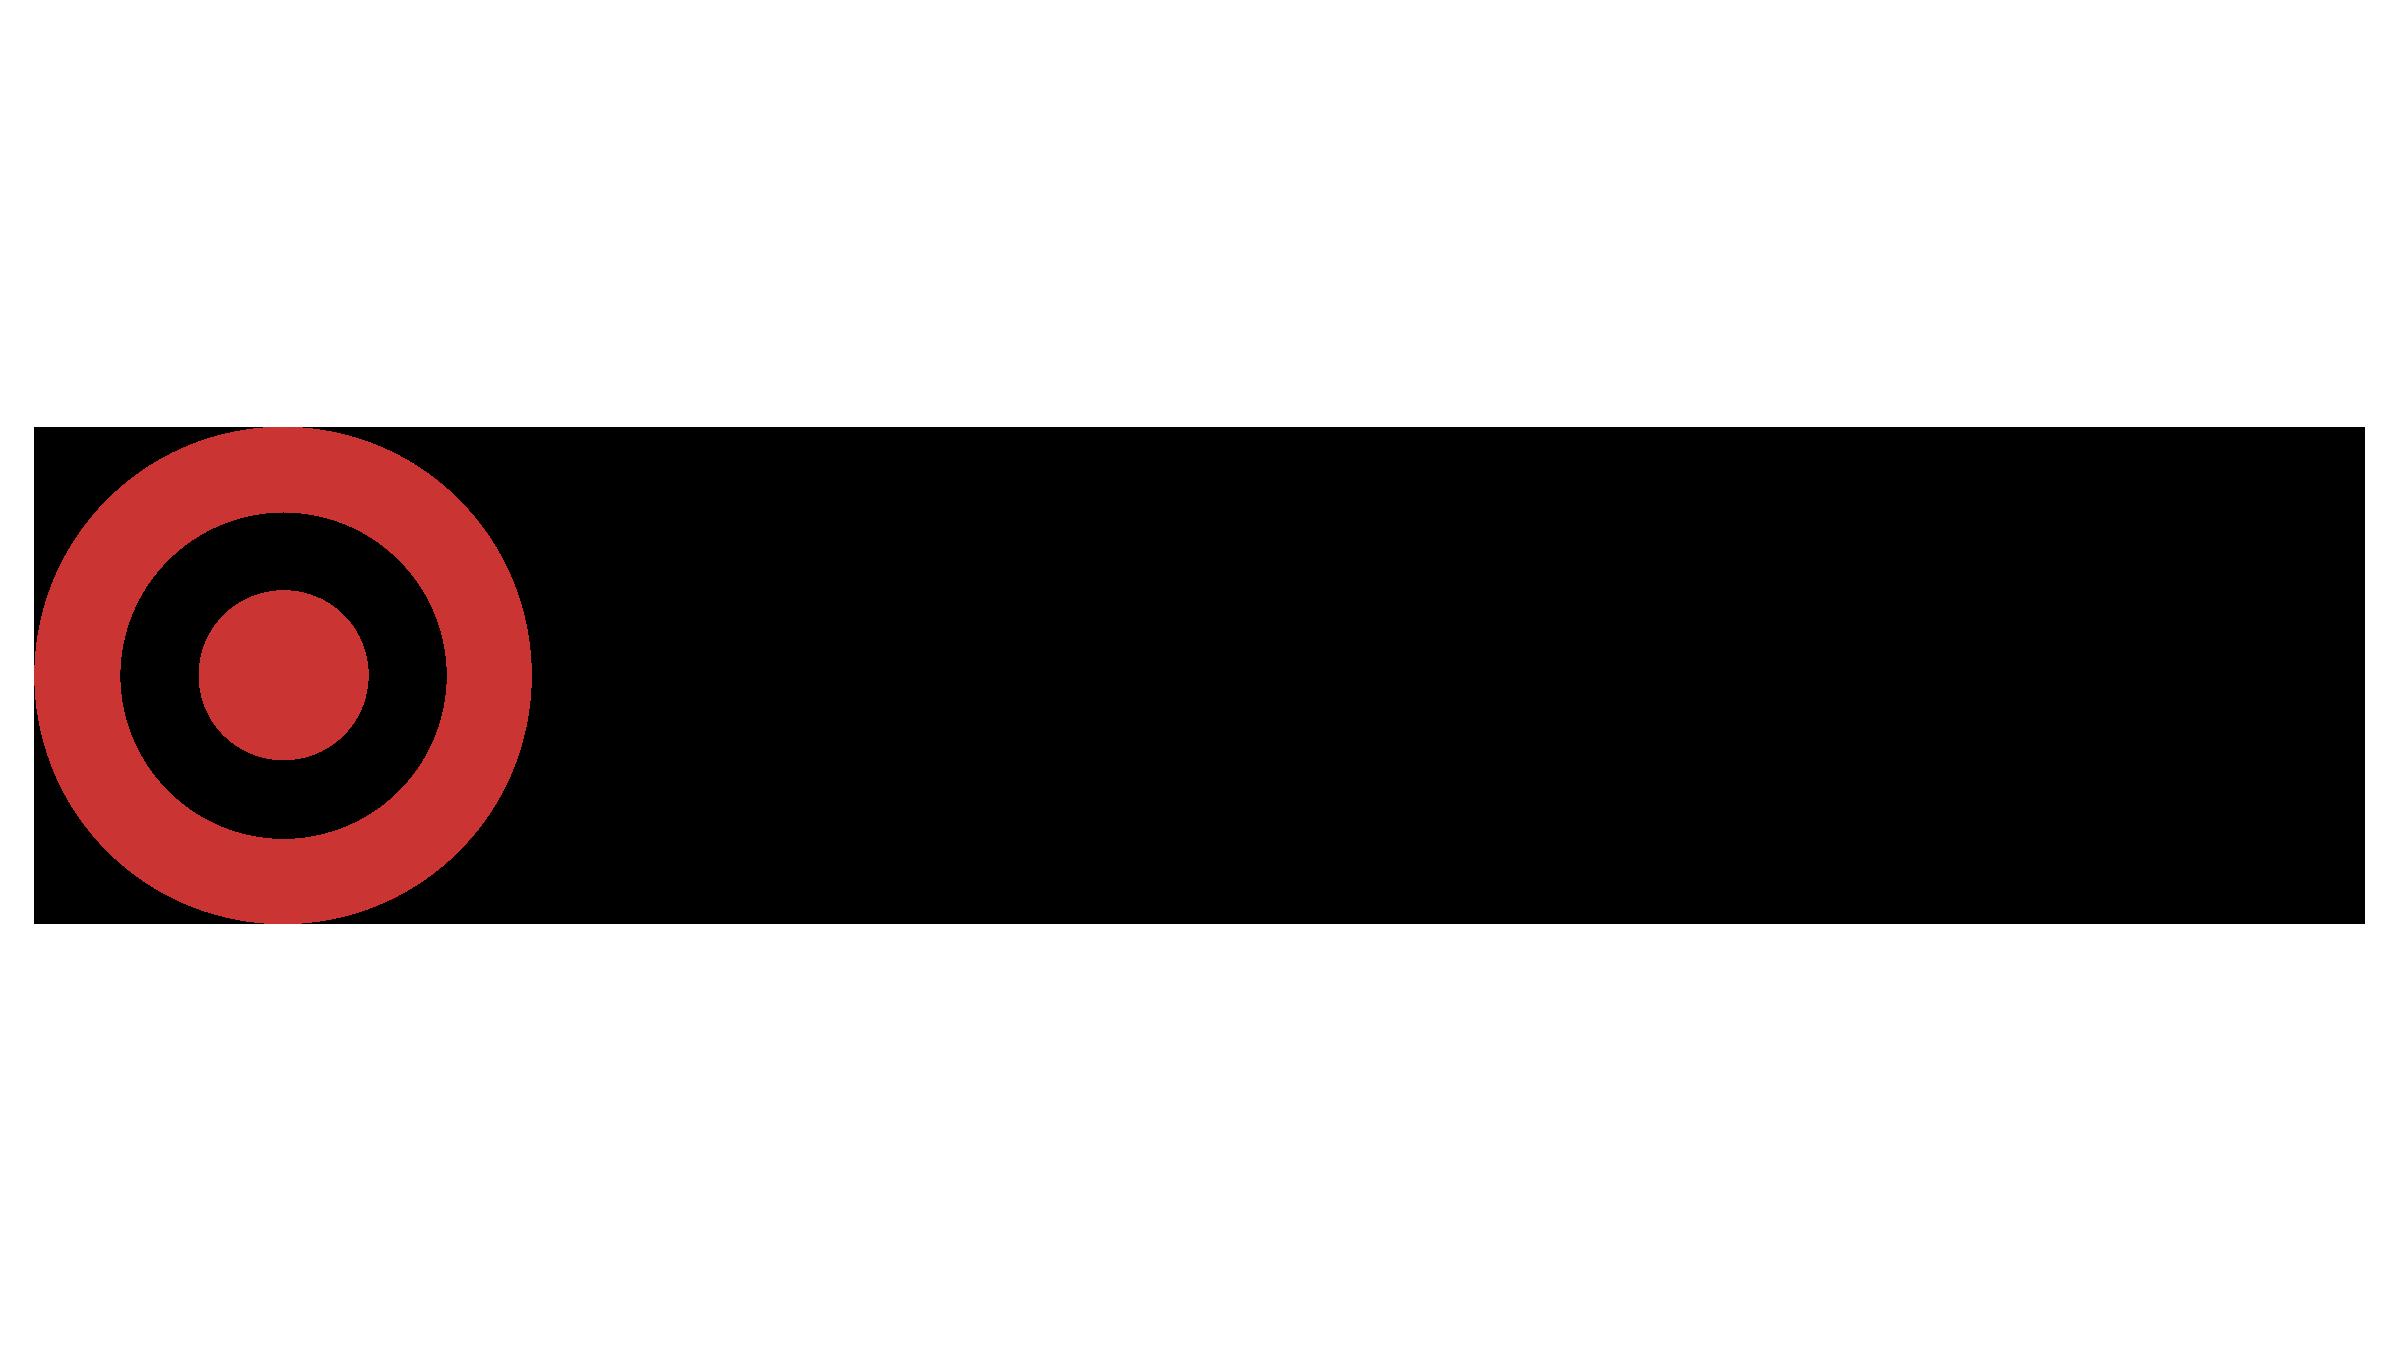 target-7-logo